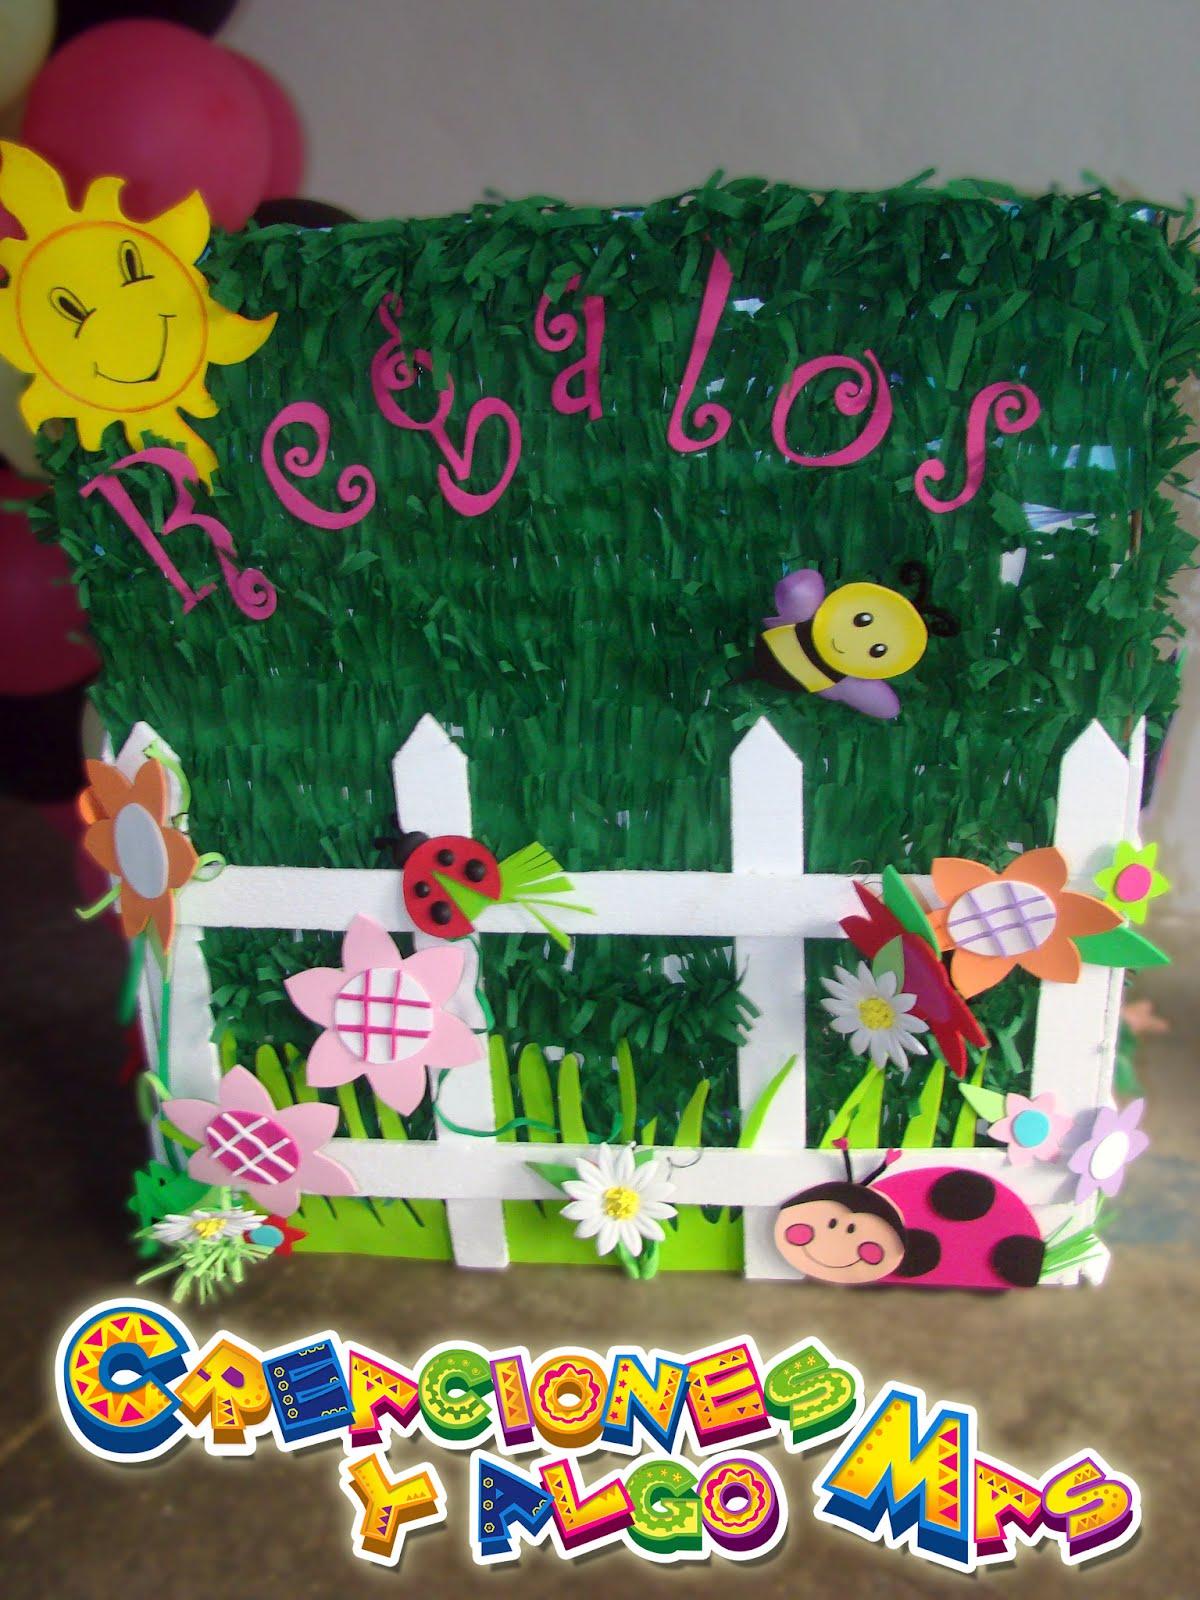 Fiesta en la jungla 1 01 sophia campos - 3 part 9